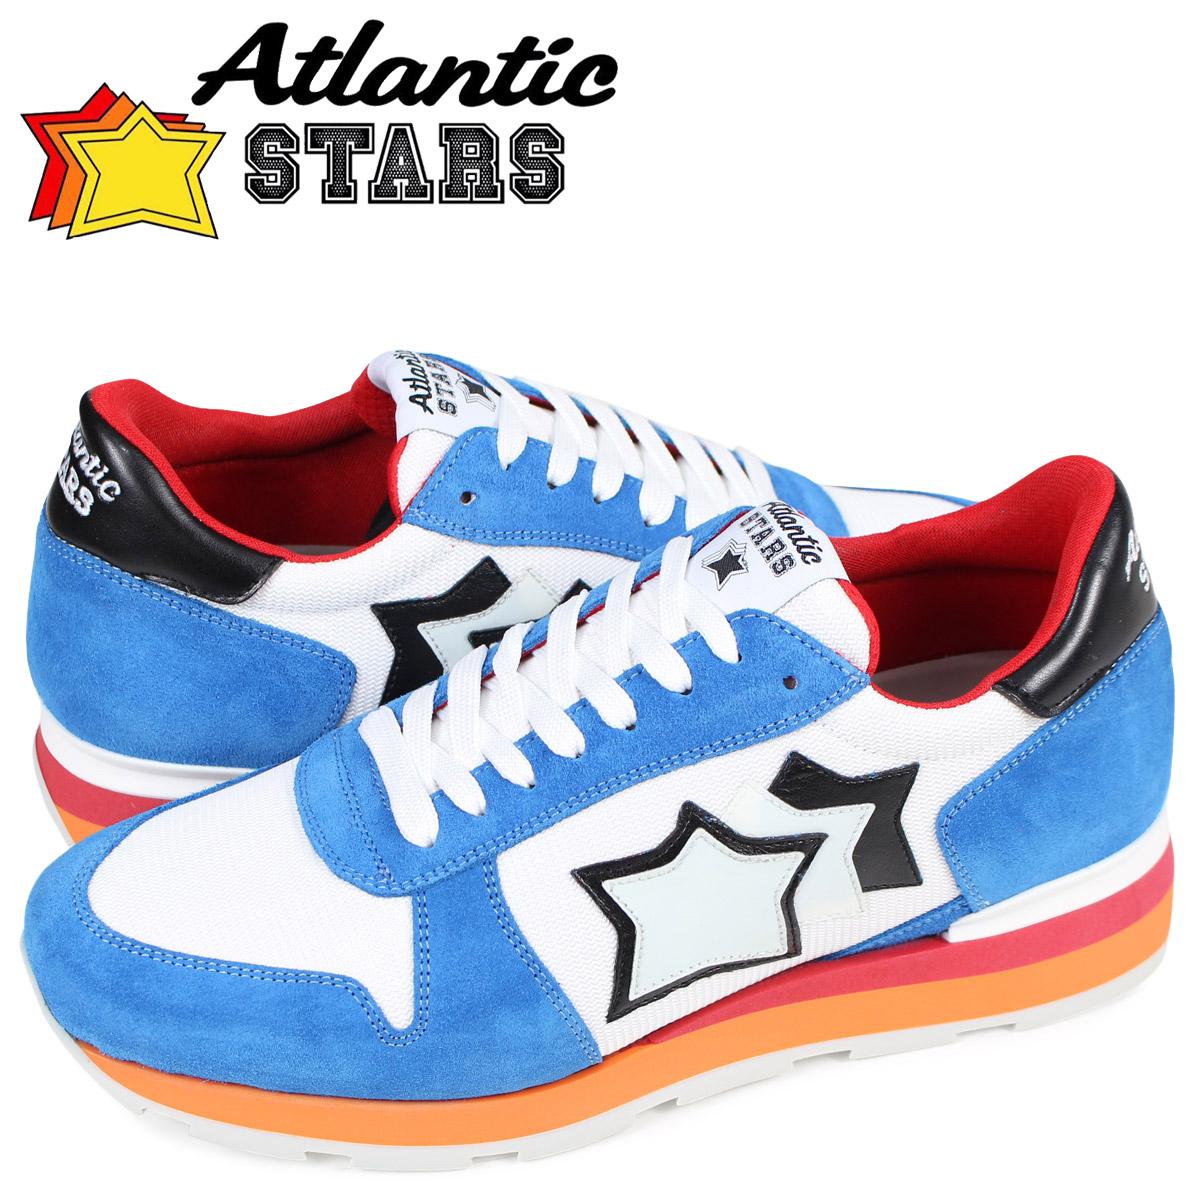 アトランティックスターズ メンズ スニーカー Atlantic STARS シリウス SIRIUS AB-85B ホワイト